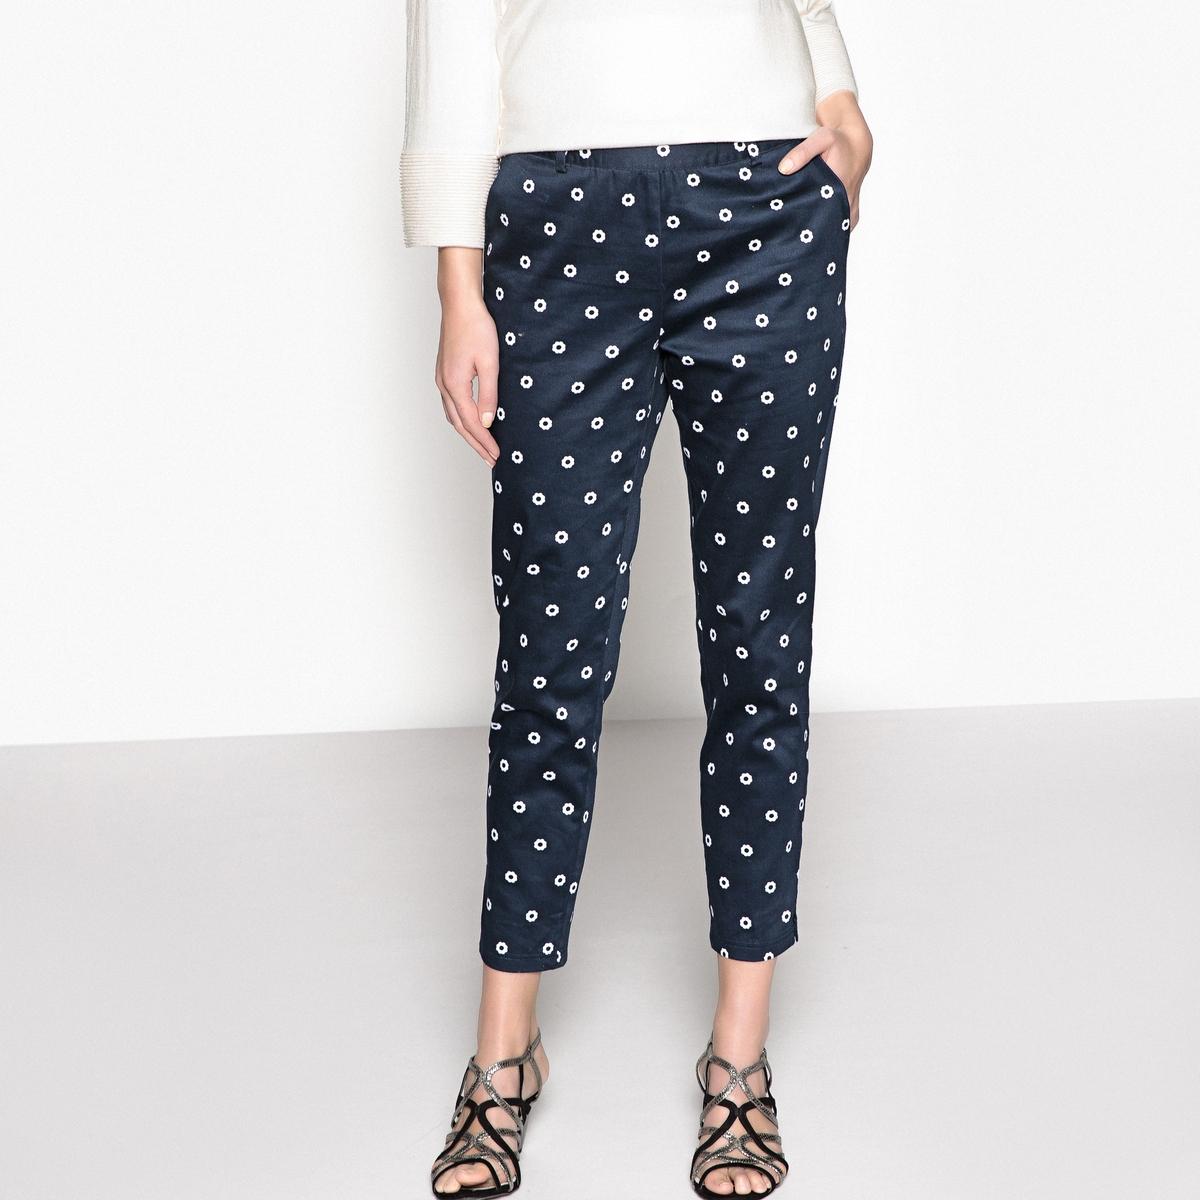 Брюки-дудочки, 7/8, с рисункомОписание:Узкие женские брюки, 7/8. Модные брюки благодаря рисунку в горошек. Из хлопкового сатина для большего комфорта.Детали •  Узкие, дудочки •  Стандартная высота пояса •  Рисунок-принтСостав и уход •  98% хлопка, 2% эластана •  Температура стирки 30° на деликатном режиме   •  Сухая чистка и отбеливатели запрещены •  Не использовать барабанную сушку •  Низкая температура глажки •  Пояс со шлевками и застежкой на молнию и металлическую пуговицу сбоку. 2 косых кармана. 2 ложных прорезных кармана сзади. Разрезы внизу брючин •  Длина по внутр. шву 68 см, ширина по низу 15 см<br><br>Цвет: рисунок/фон темно-синий